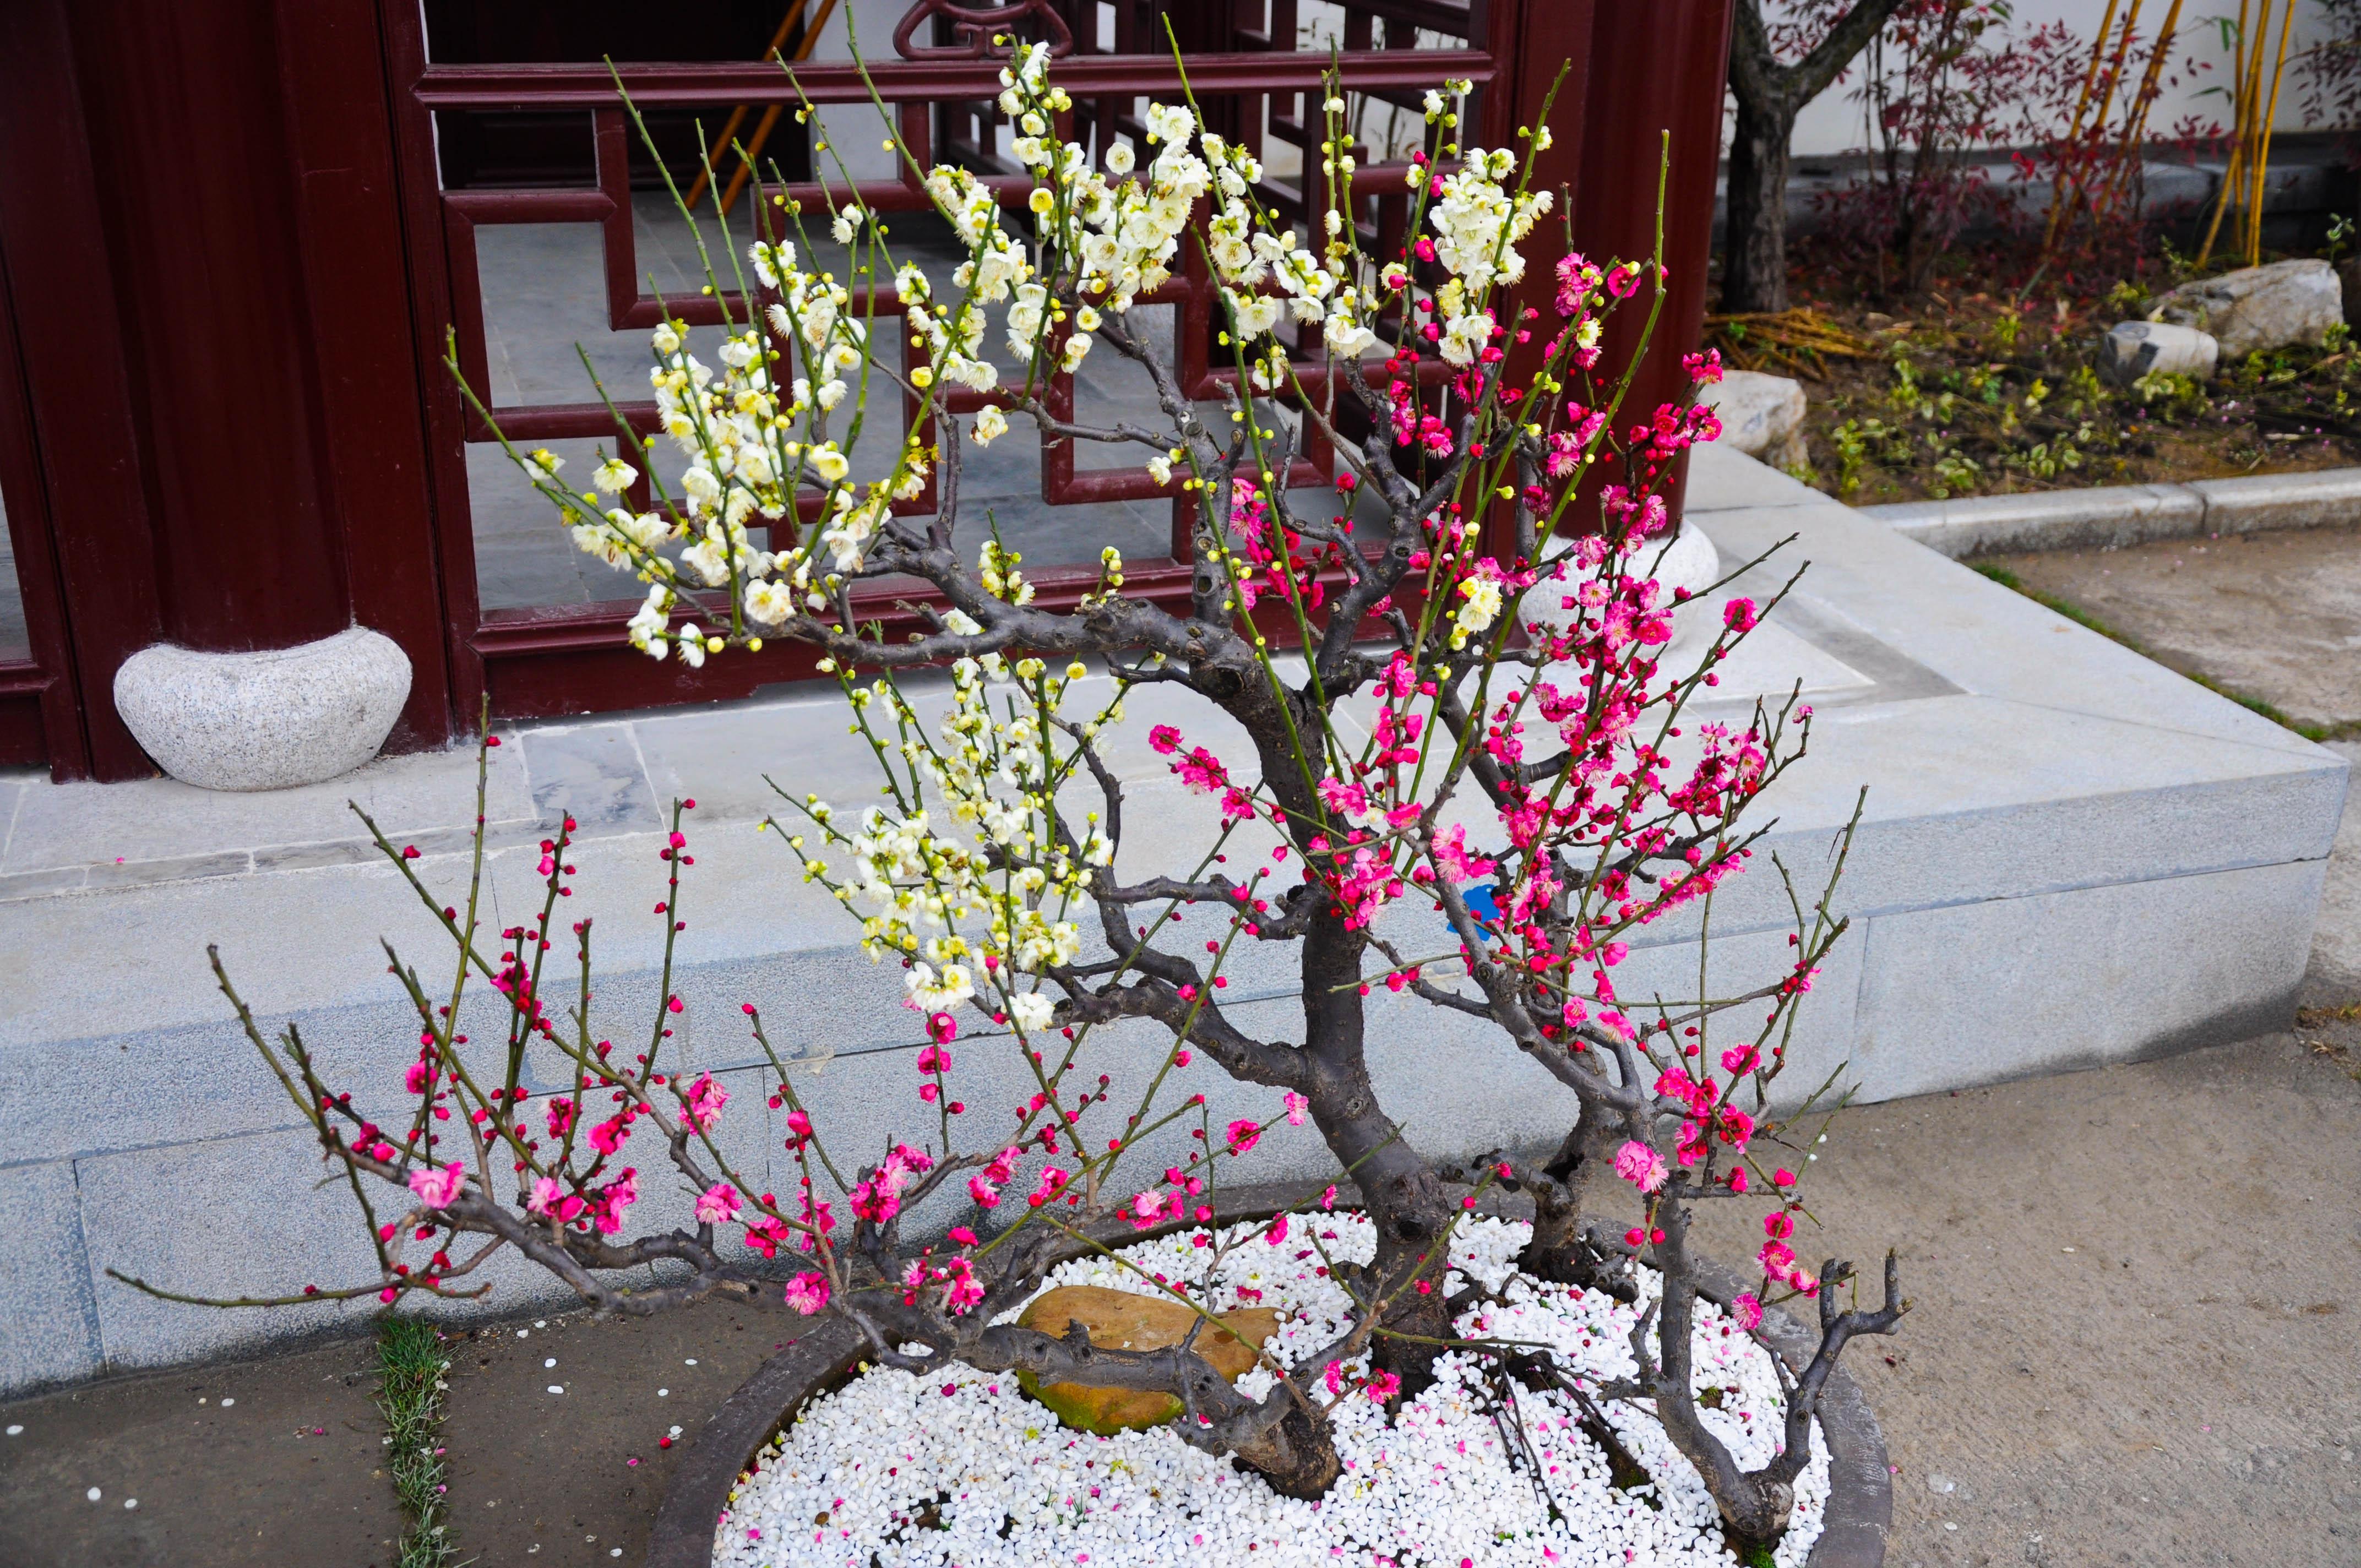 嫁接的梅花,所以一株树上开了红色和白色的花朵